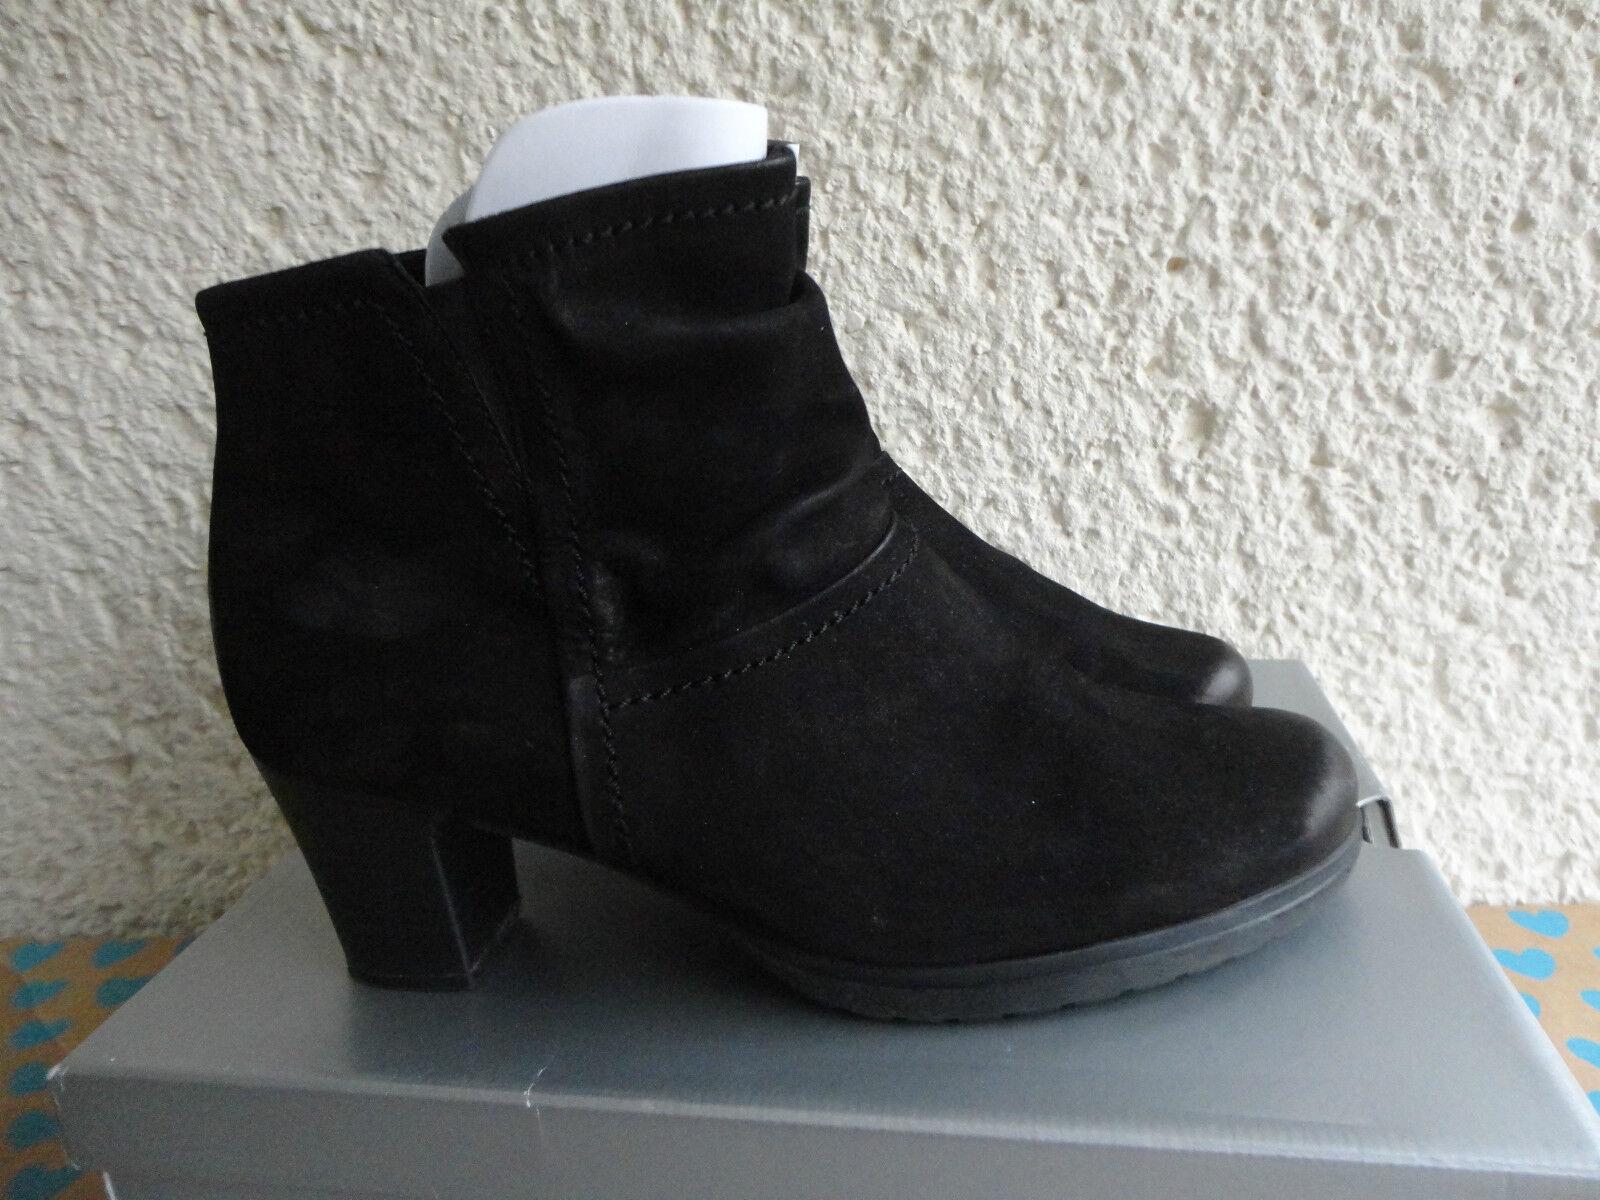 Gabor Stiefeletten Halbstiefel Gr. 6 1/2 oder 40 in G Leder Farbe Schwarz Weite G in 10241d